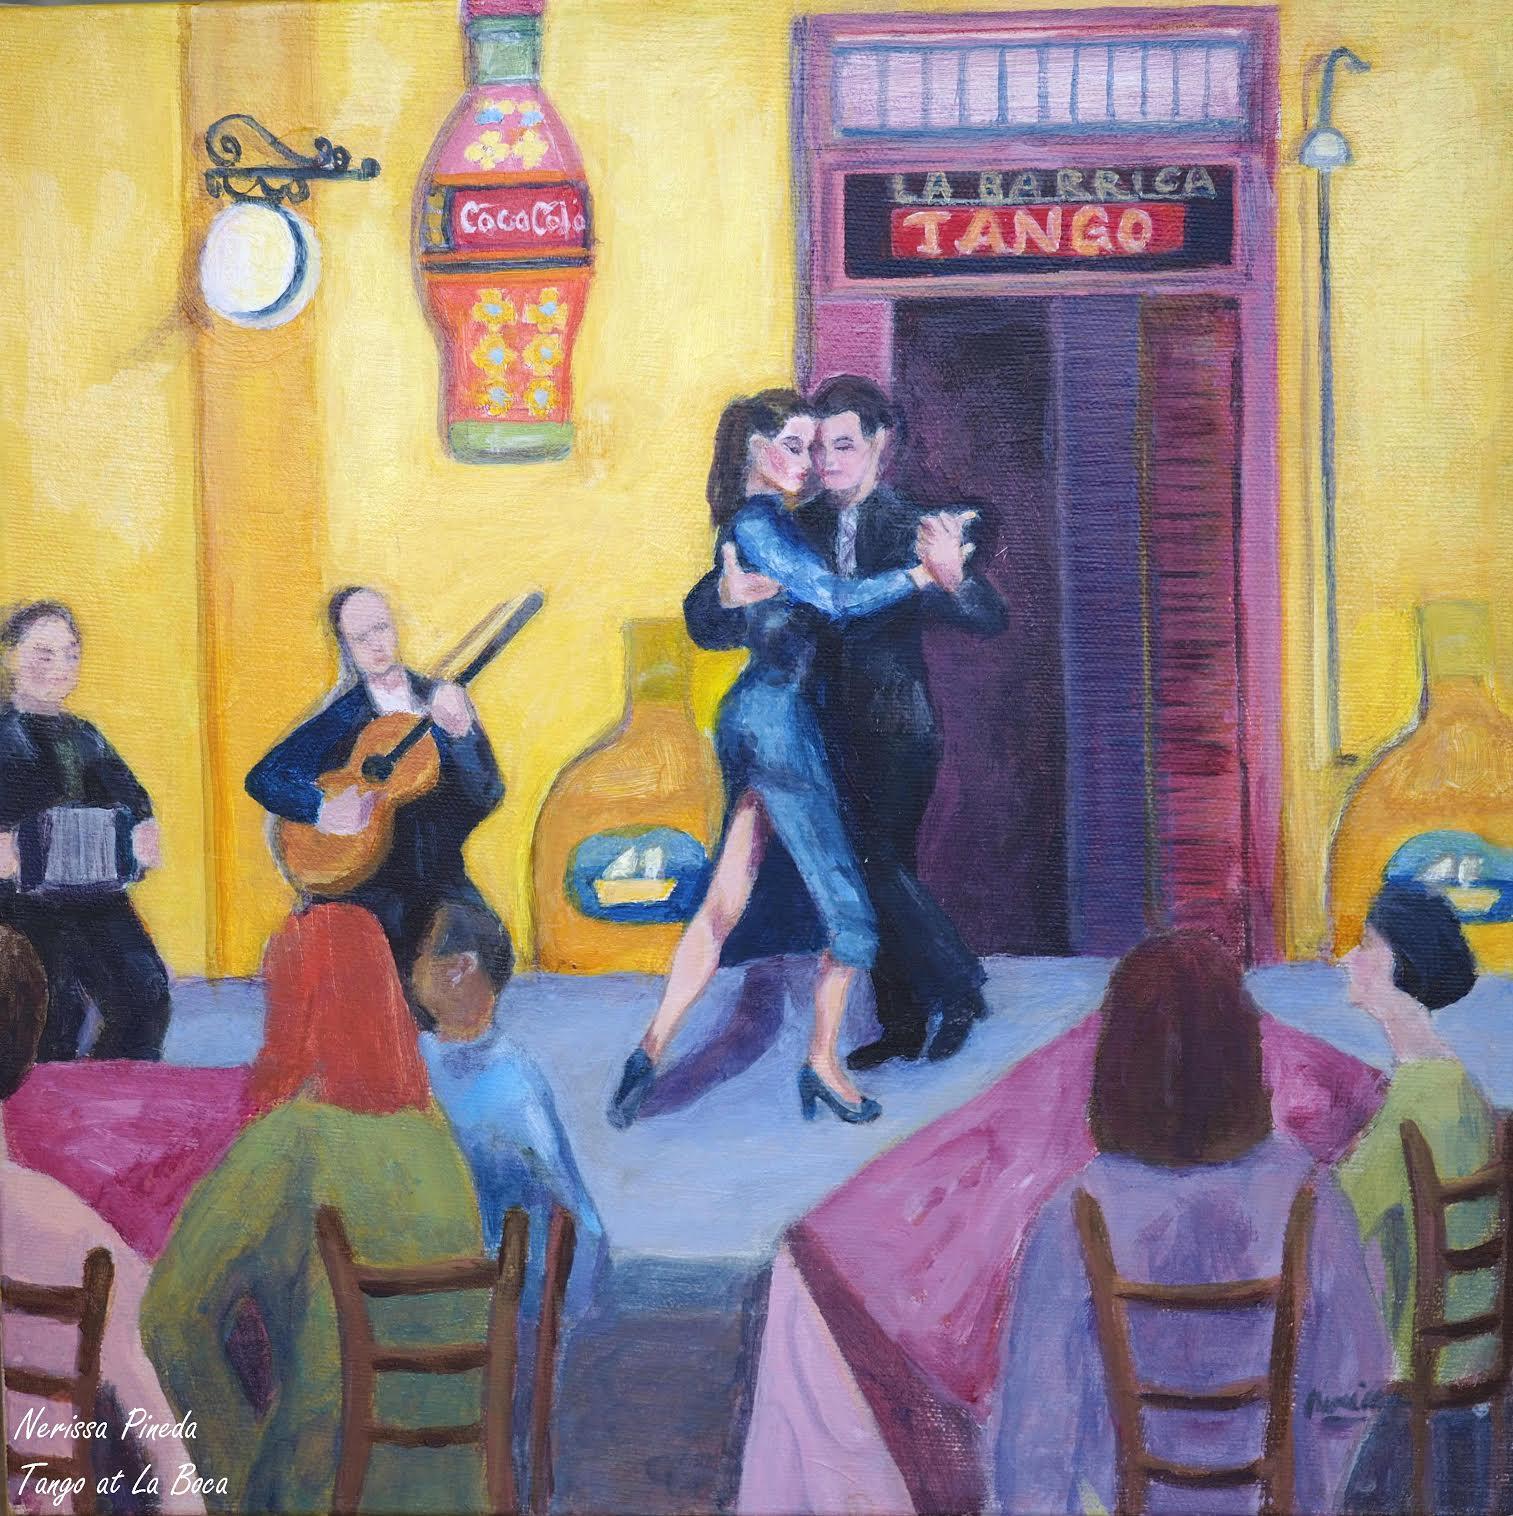 Tango by Nerissa Pineda